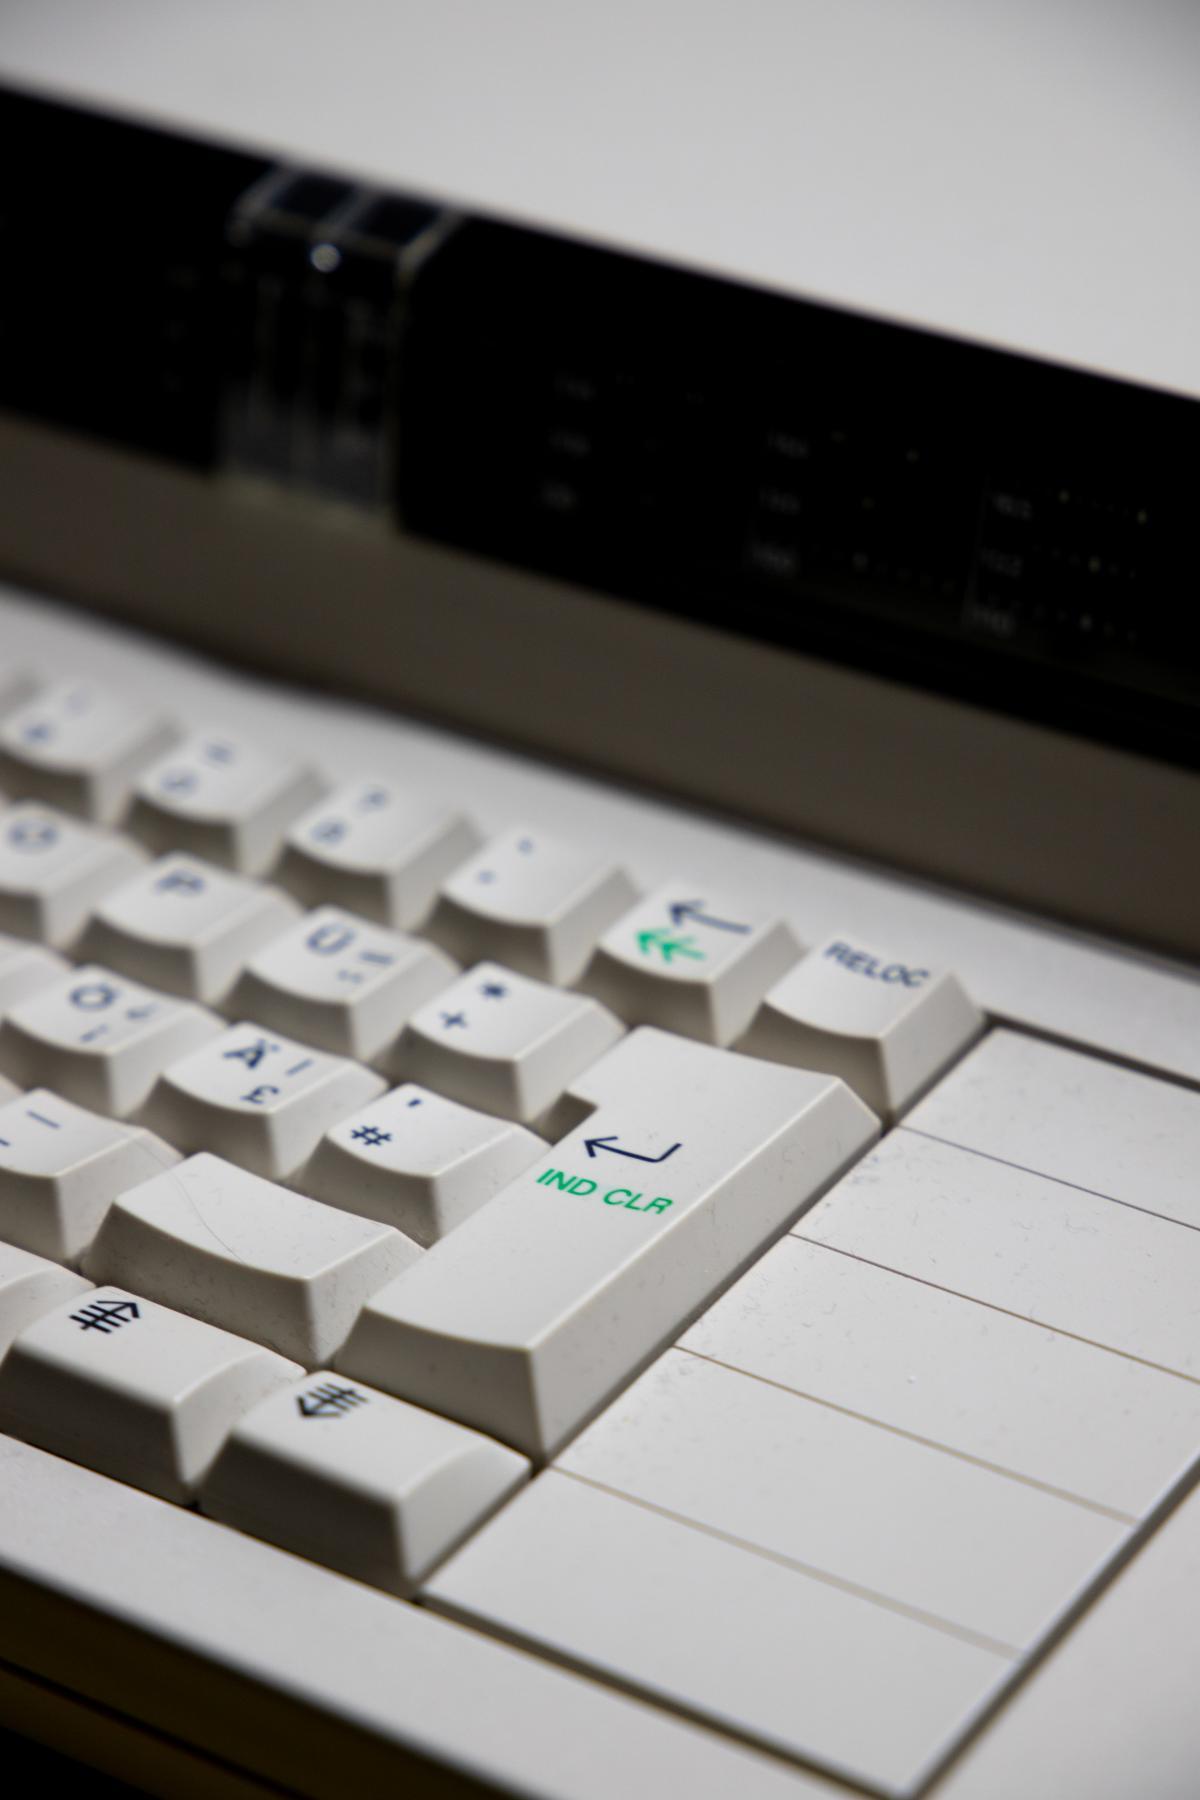 Computer keyboard Keyboard Computer